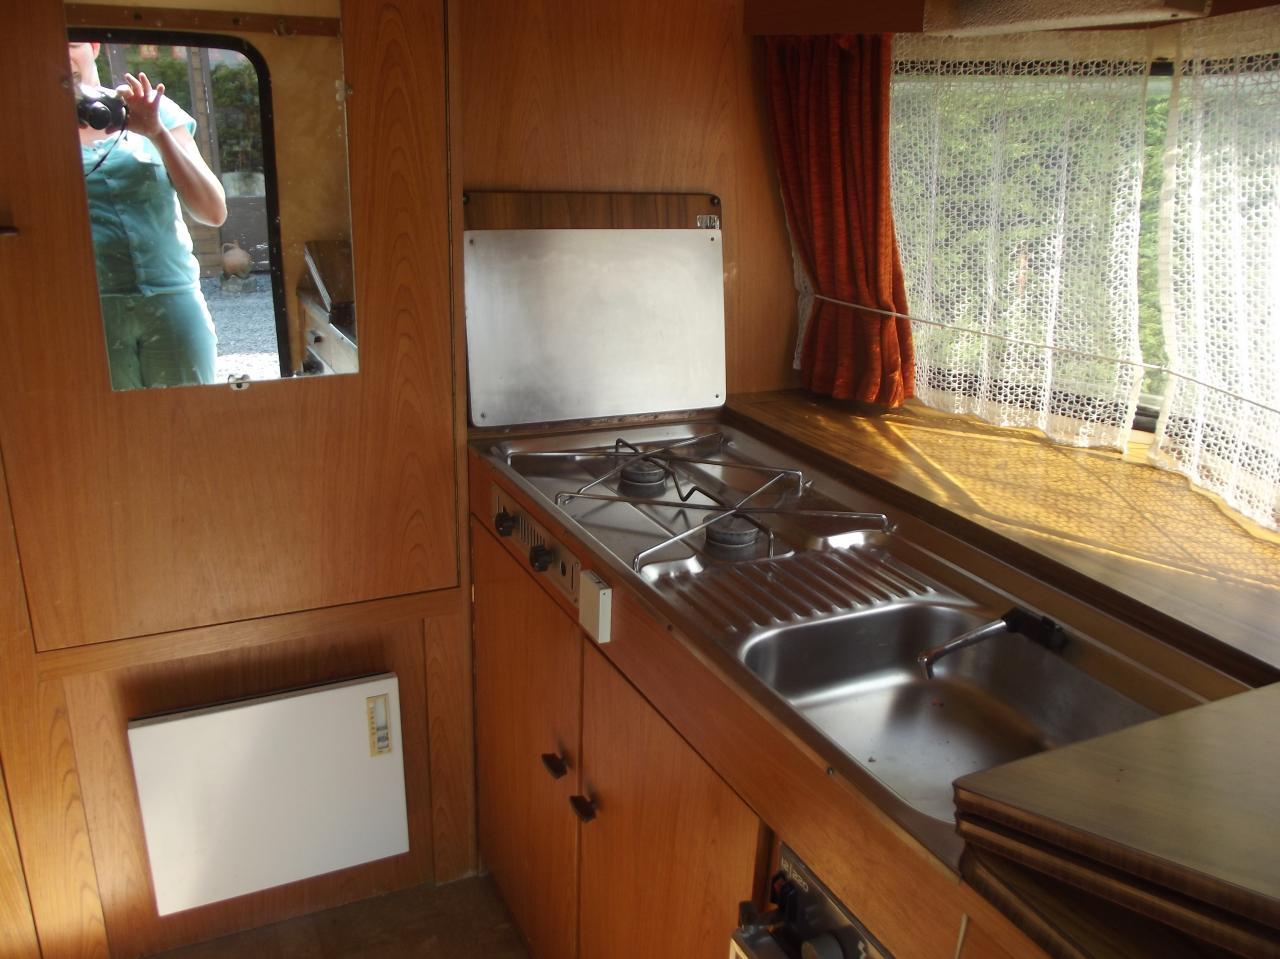 caravane a louer pour 2 personnes 40€ petit déjeuné 7€/personne